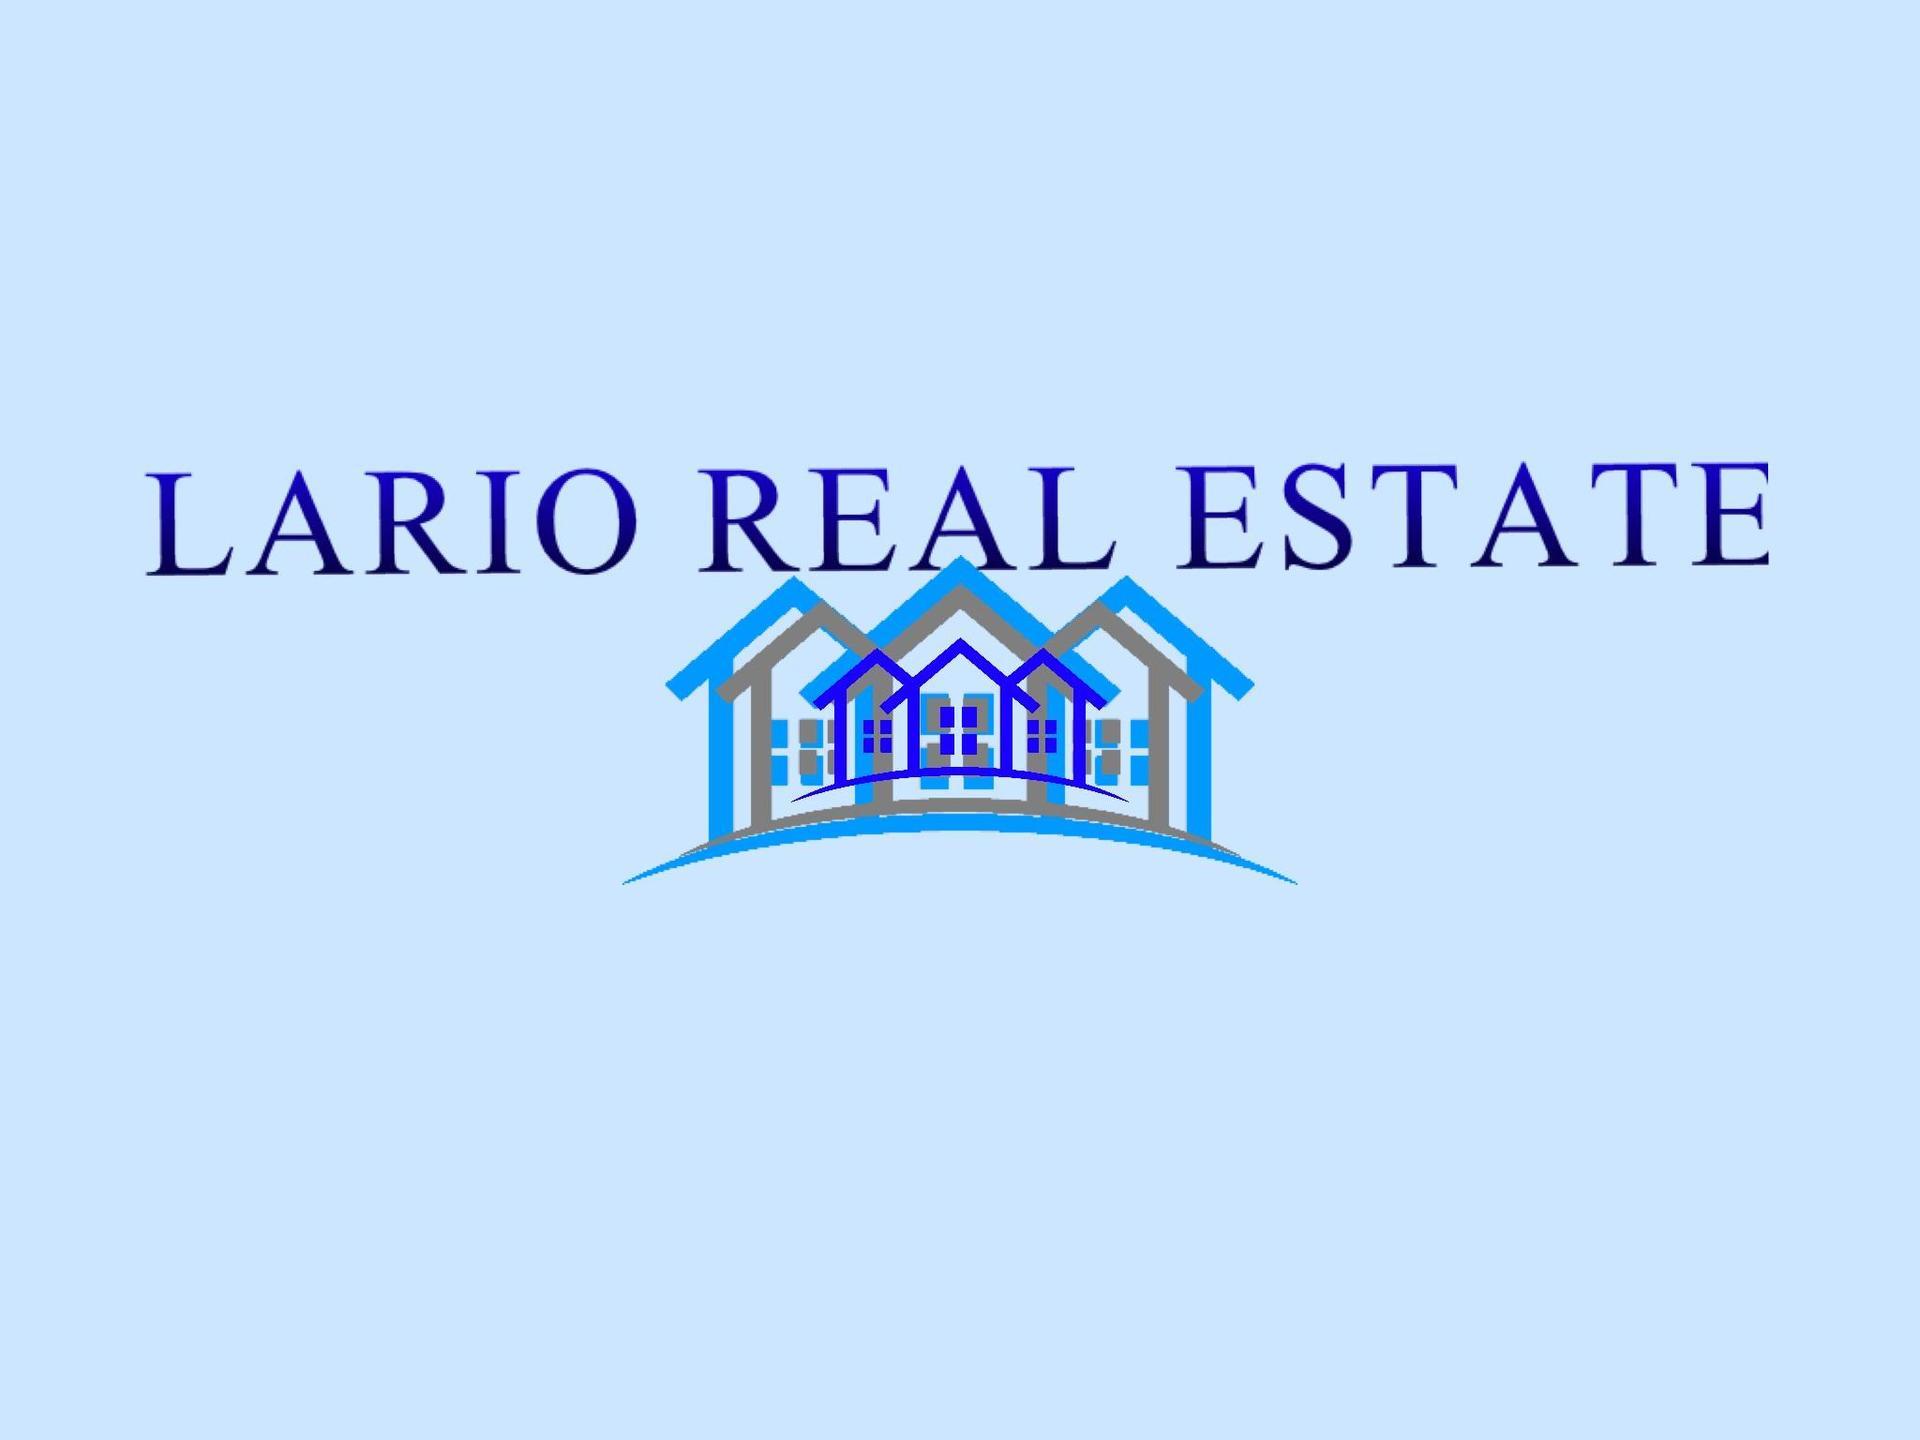 Lario Real Estate